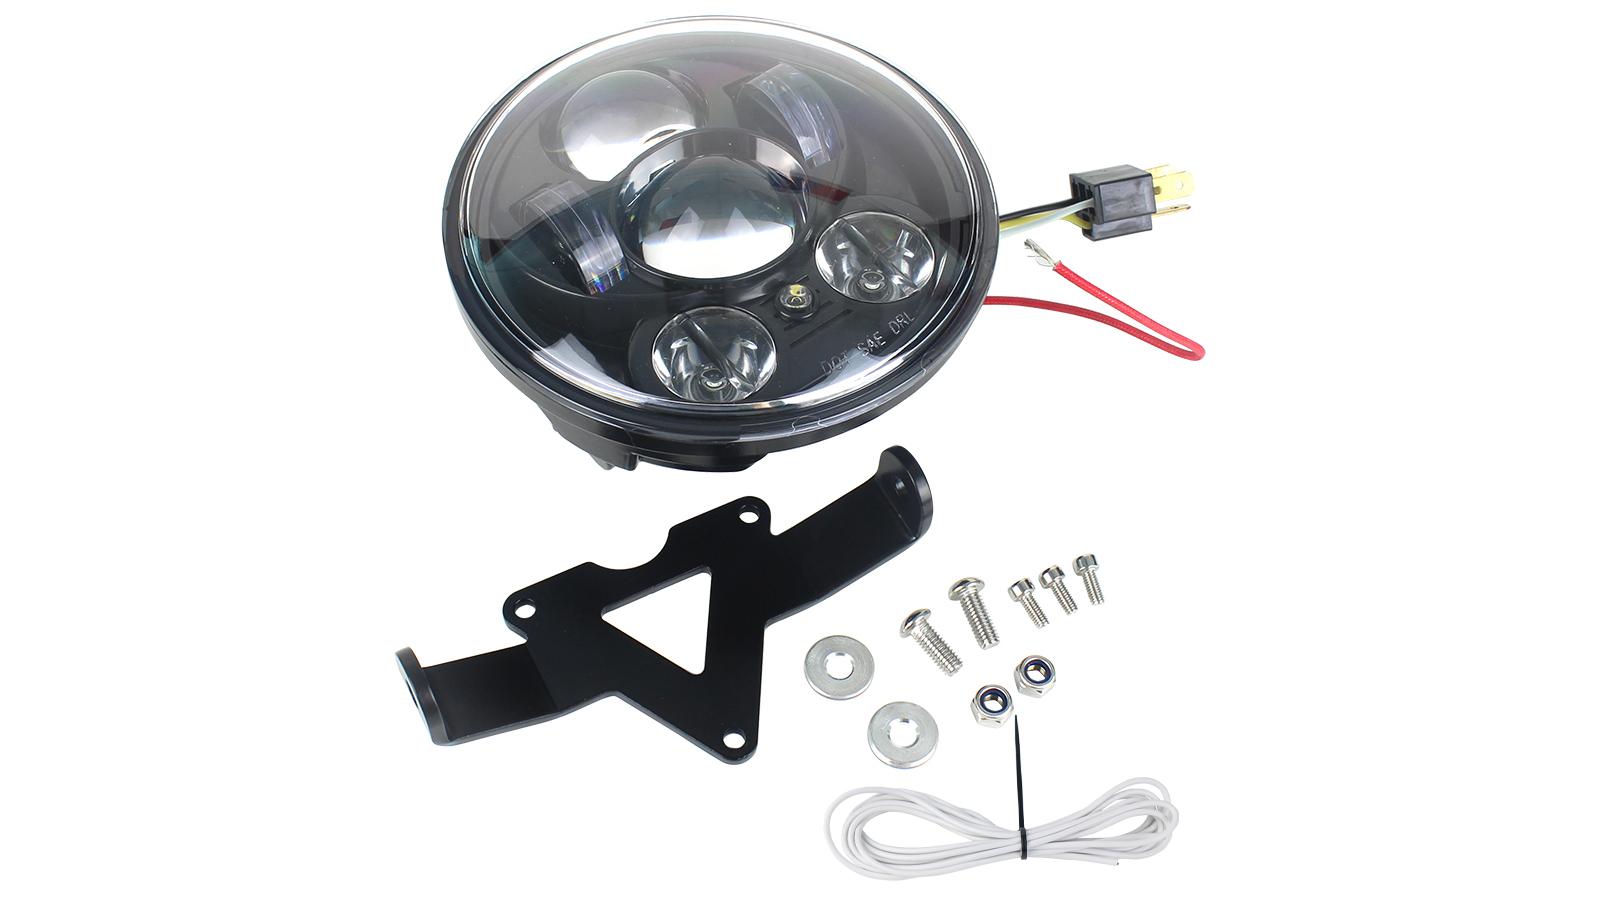 5.75 '' LED Faro principale Light Kit Staffa Compatibile per Yamaha XVS650 personalizzato XSR900 XSR700 XVS950 Bullone Raider